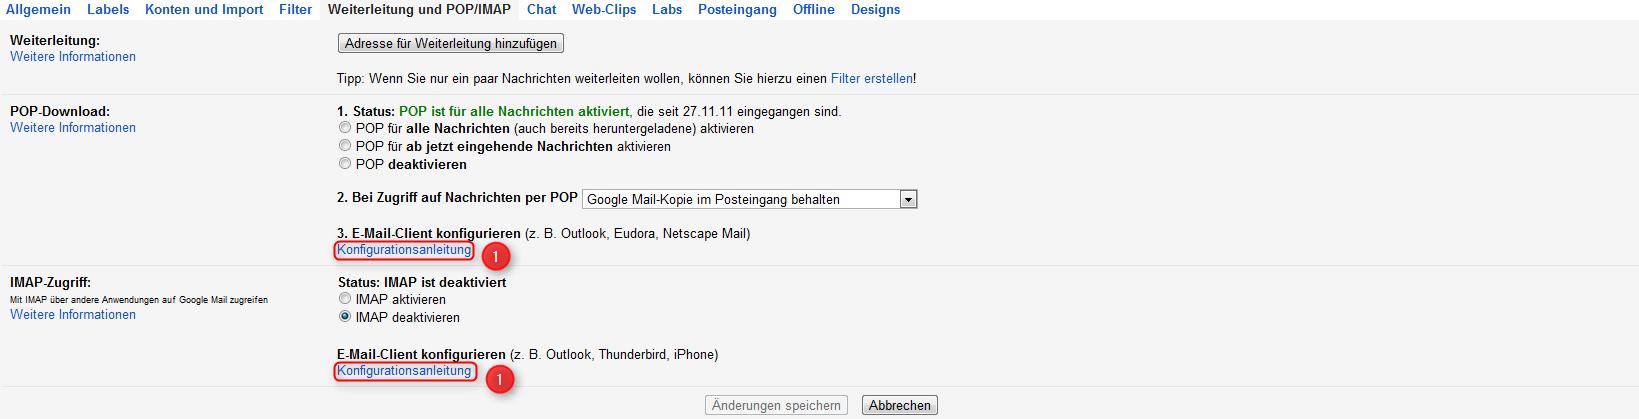 06-google-mail-alle-einstellungsmoeglichkeiten-weiterleitungen-470.png?nocache=1326361682165